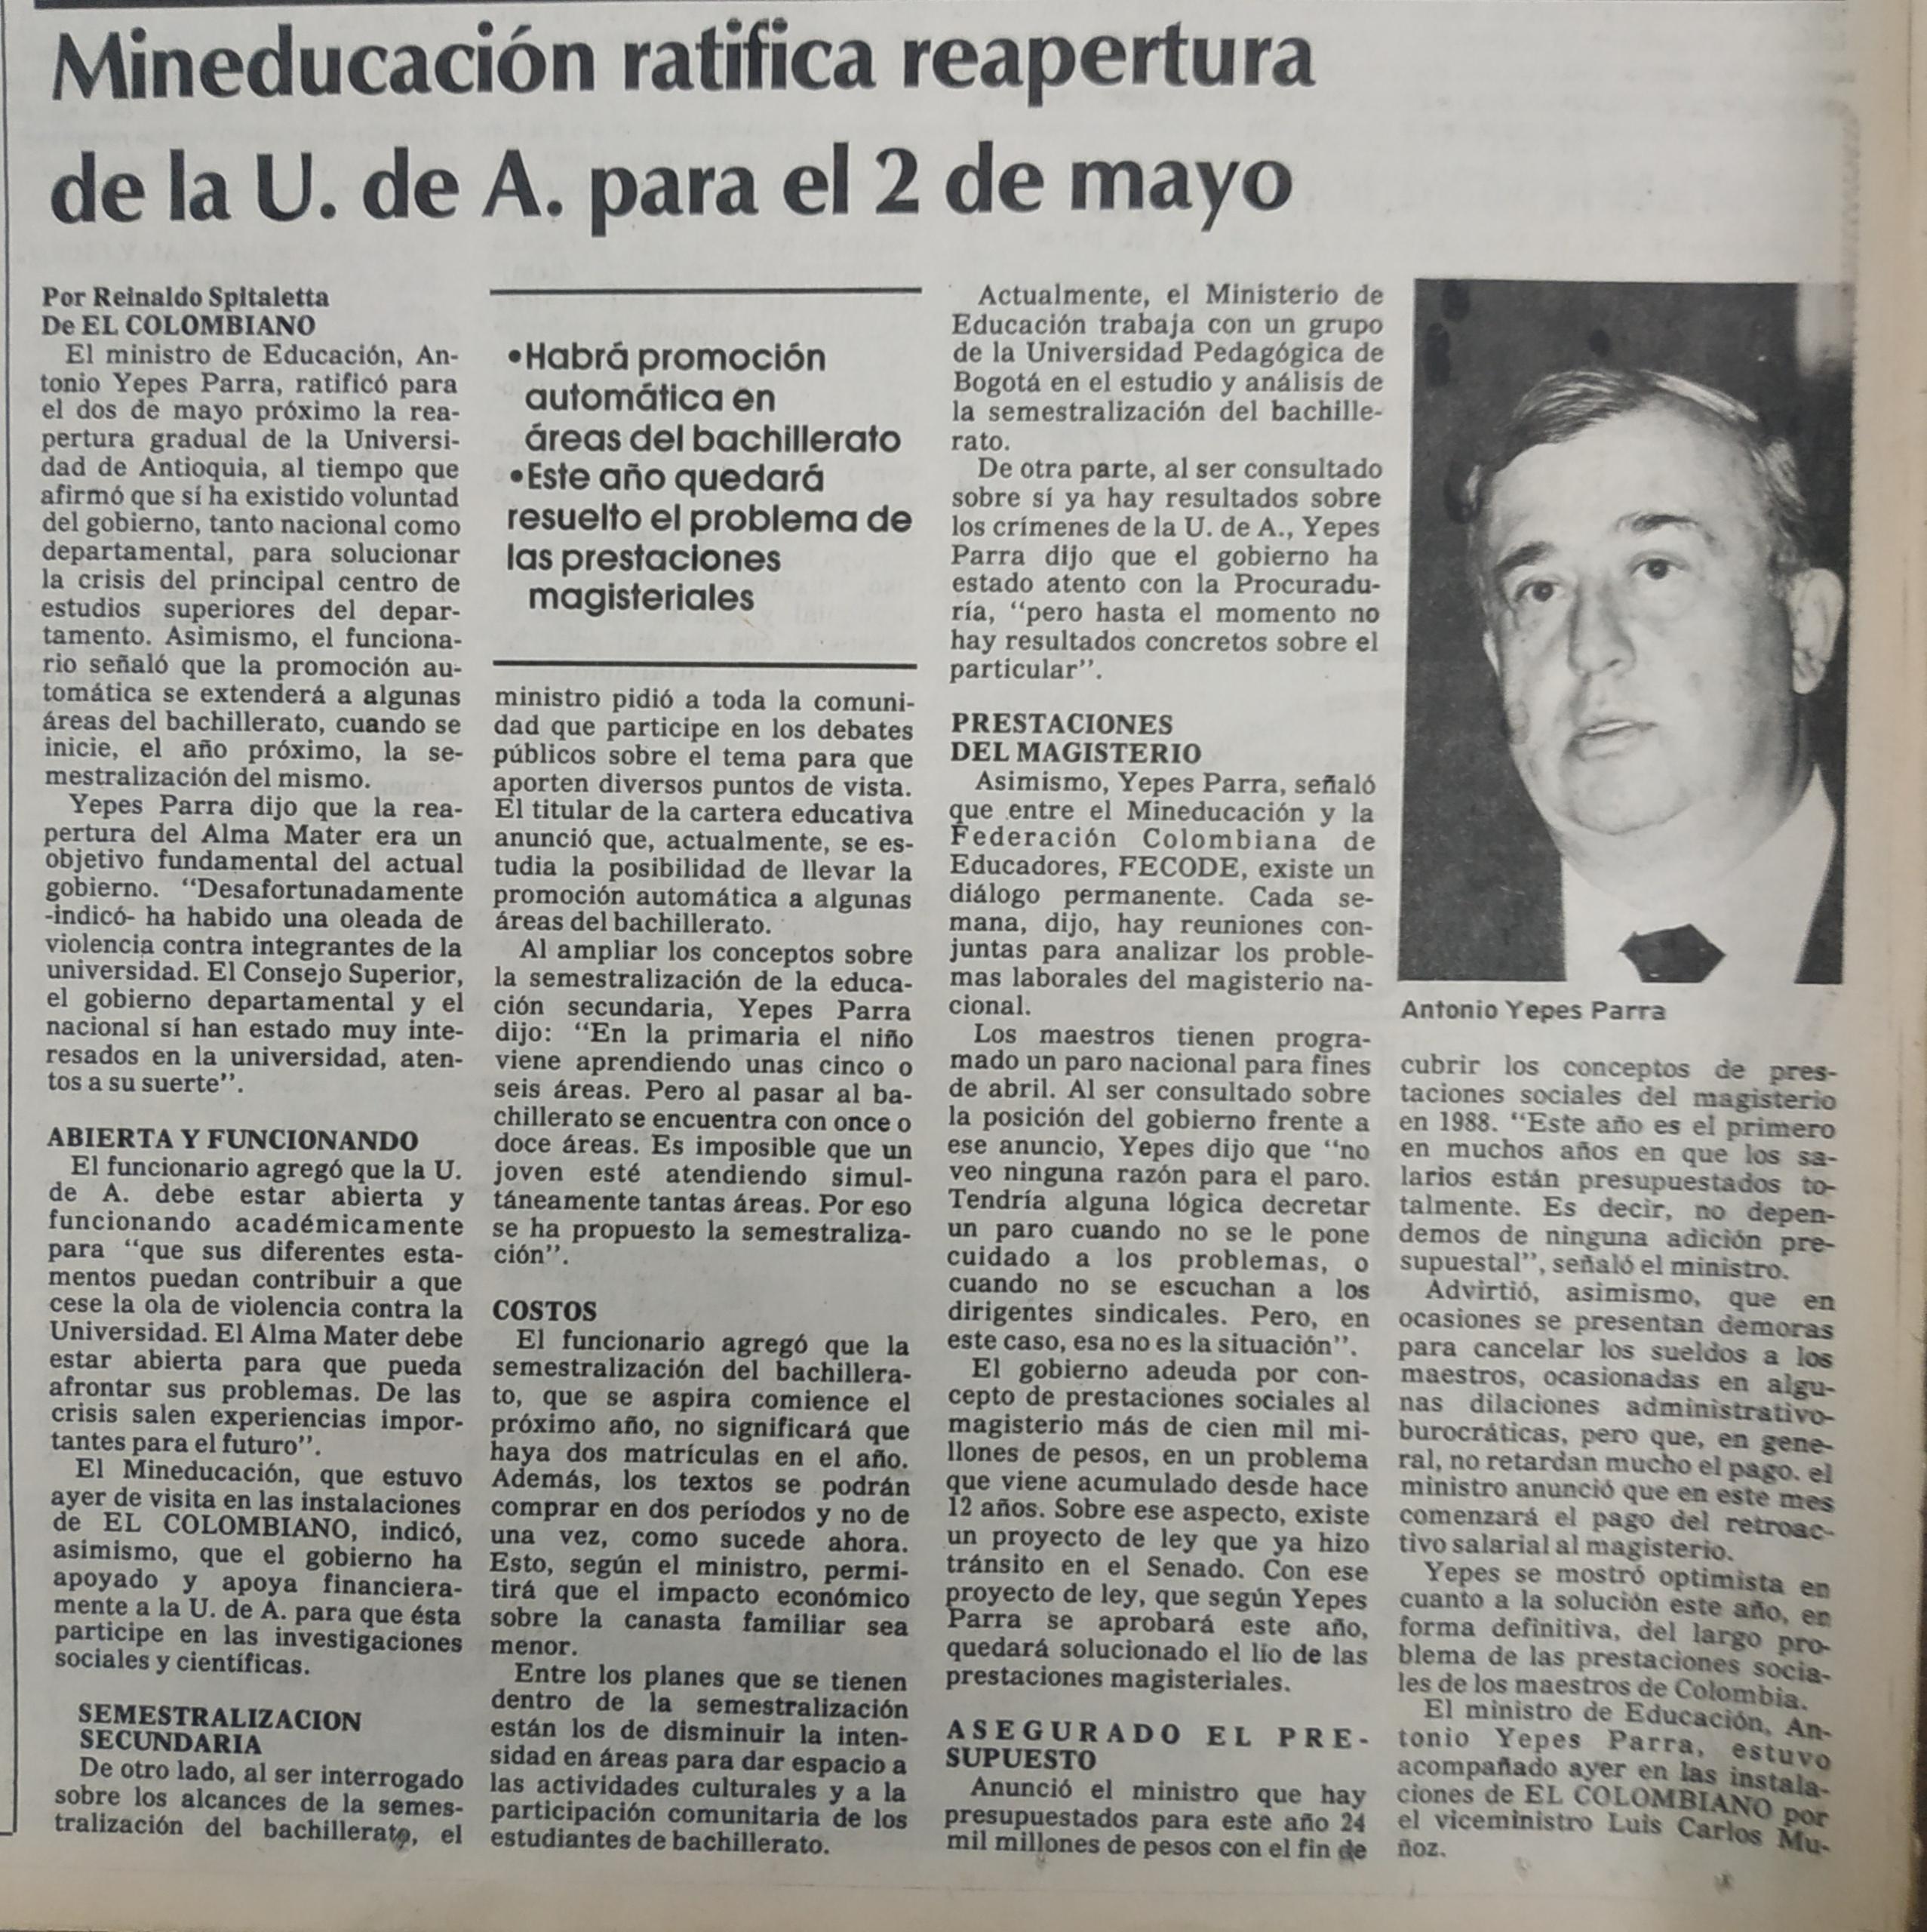 Fotografía tomada de la edición del 17 de abril de 1988 del periódico El Colombiano